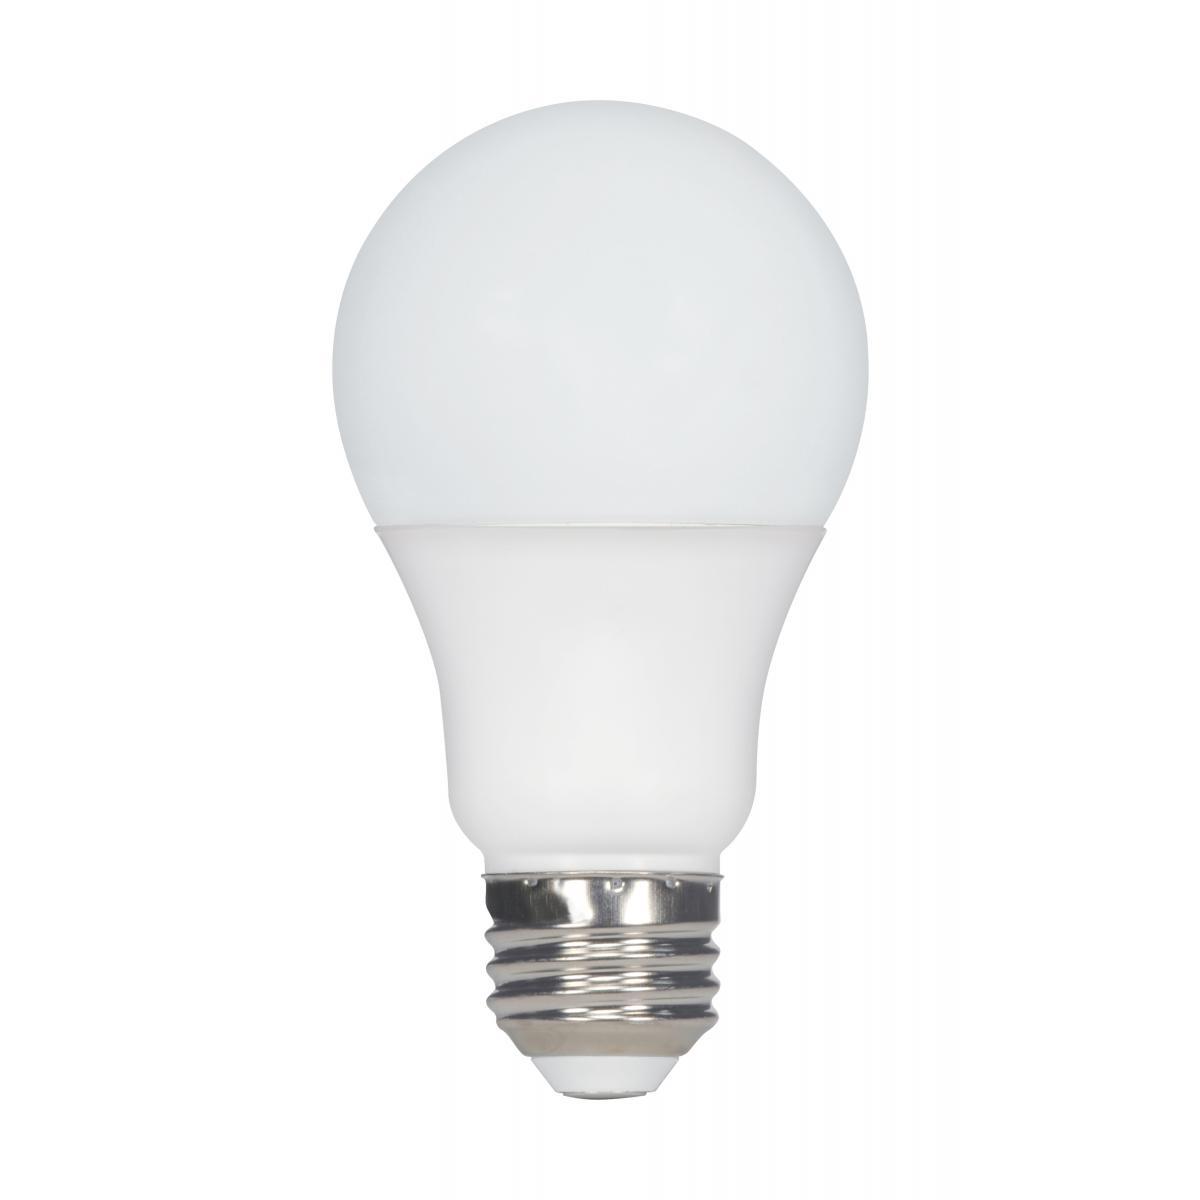 S11406 9.8A19/LED/27K/120V/ECO/ND